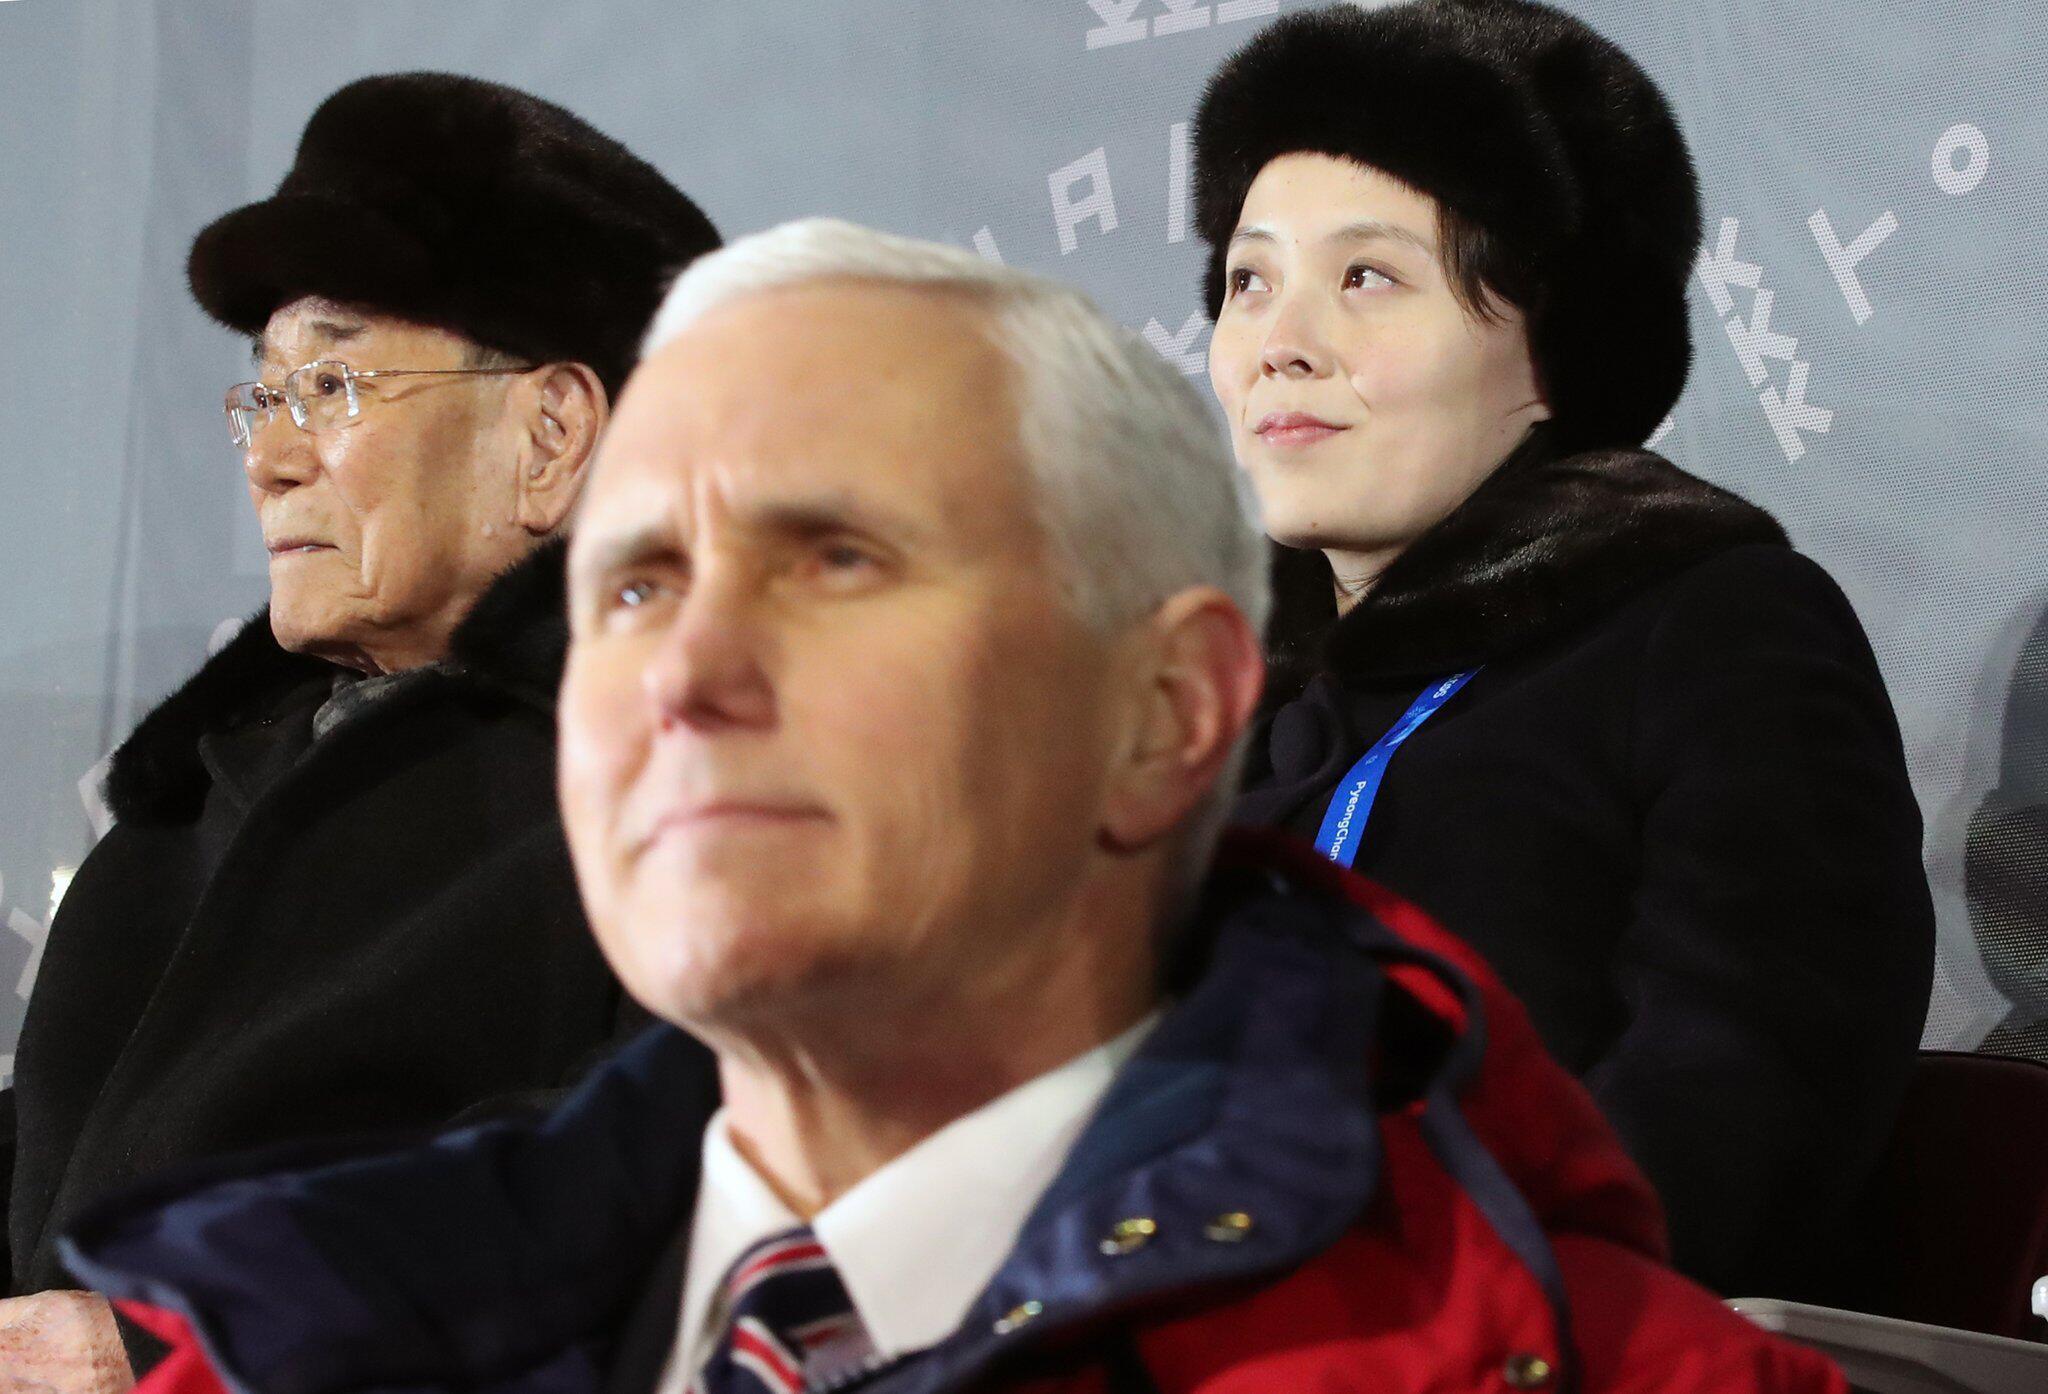 Bild zu Nordkorea soll Treffen Pence abgesagt haben